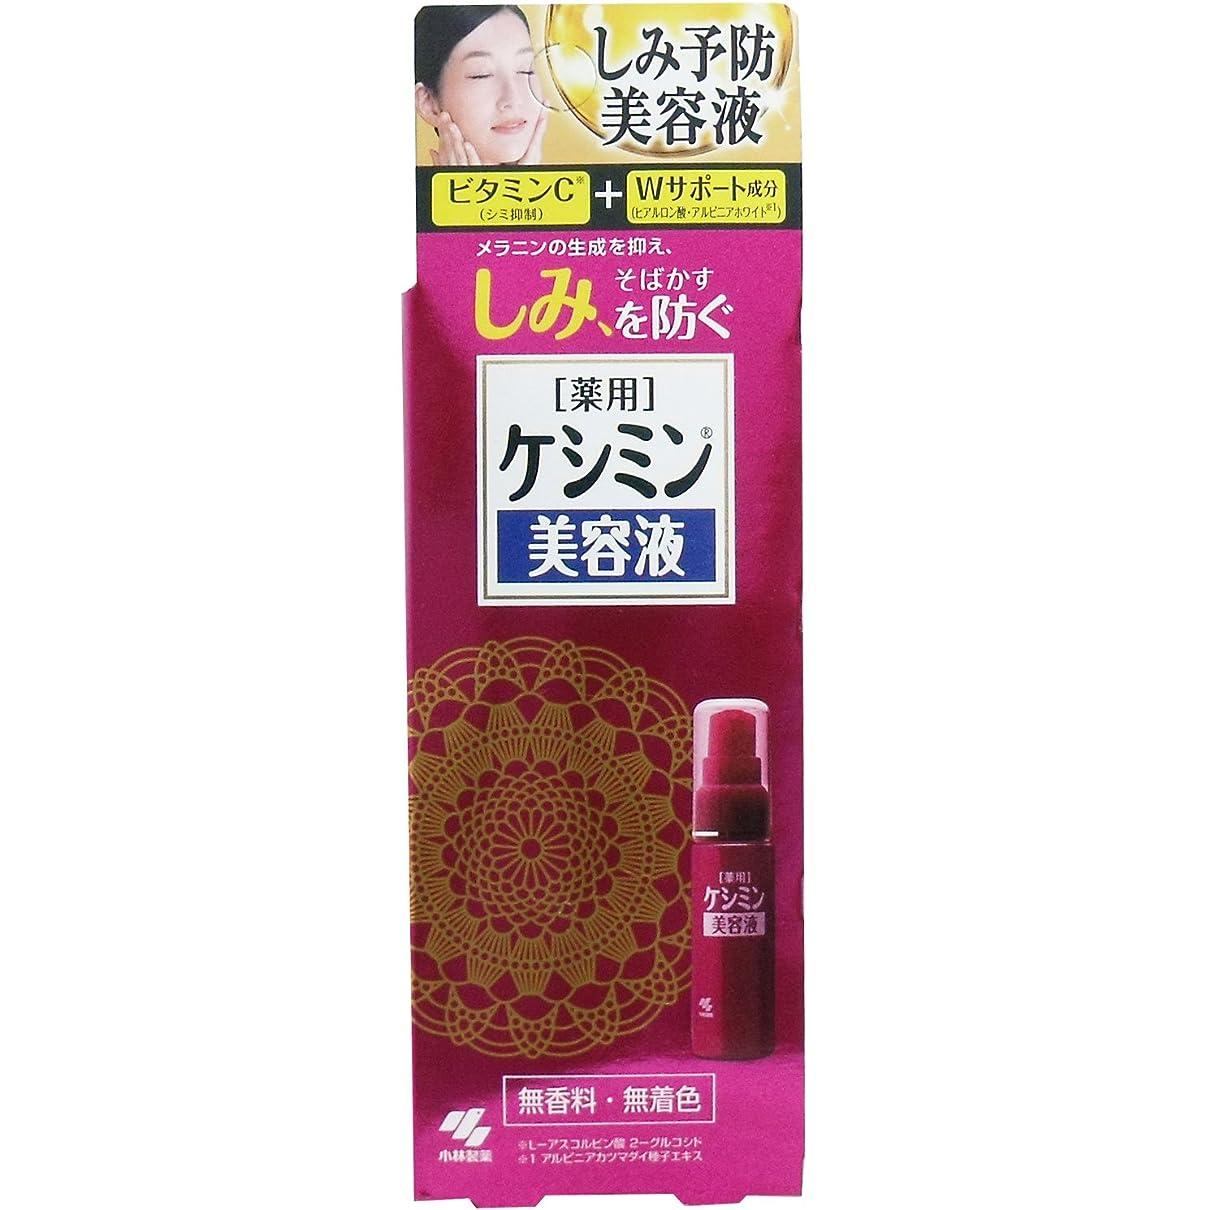 大気難しい車両ケシミン美容液 シミを防ぐ 30ml×6個